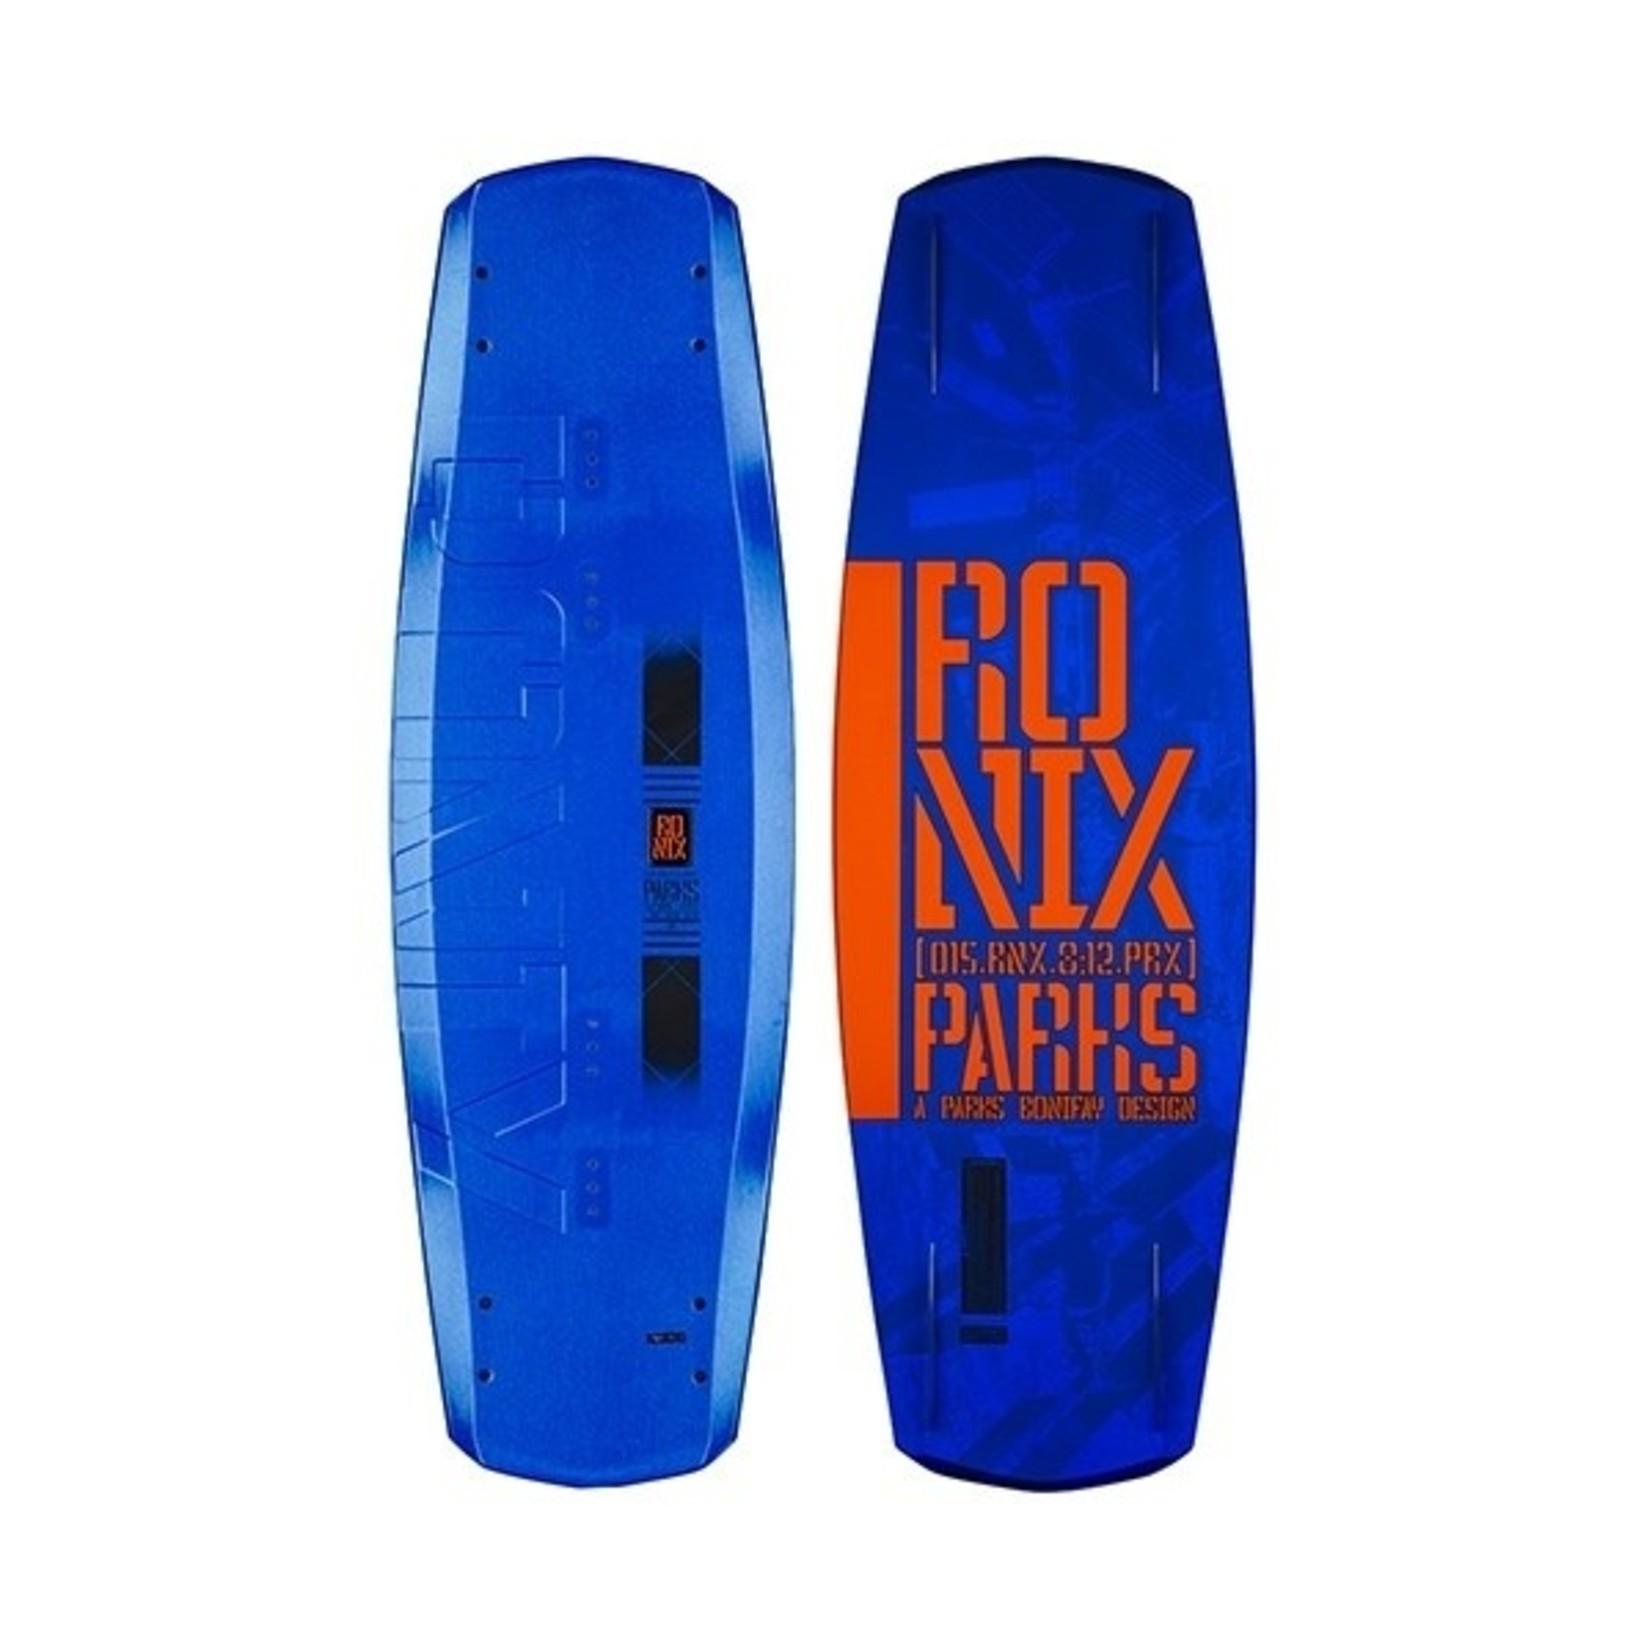 Ronix PARKS AIRCORE SM15 139